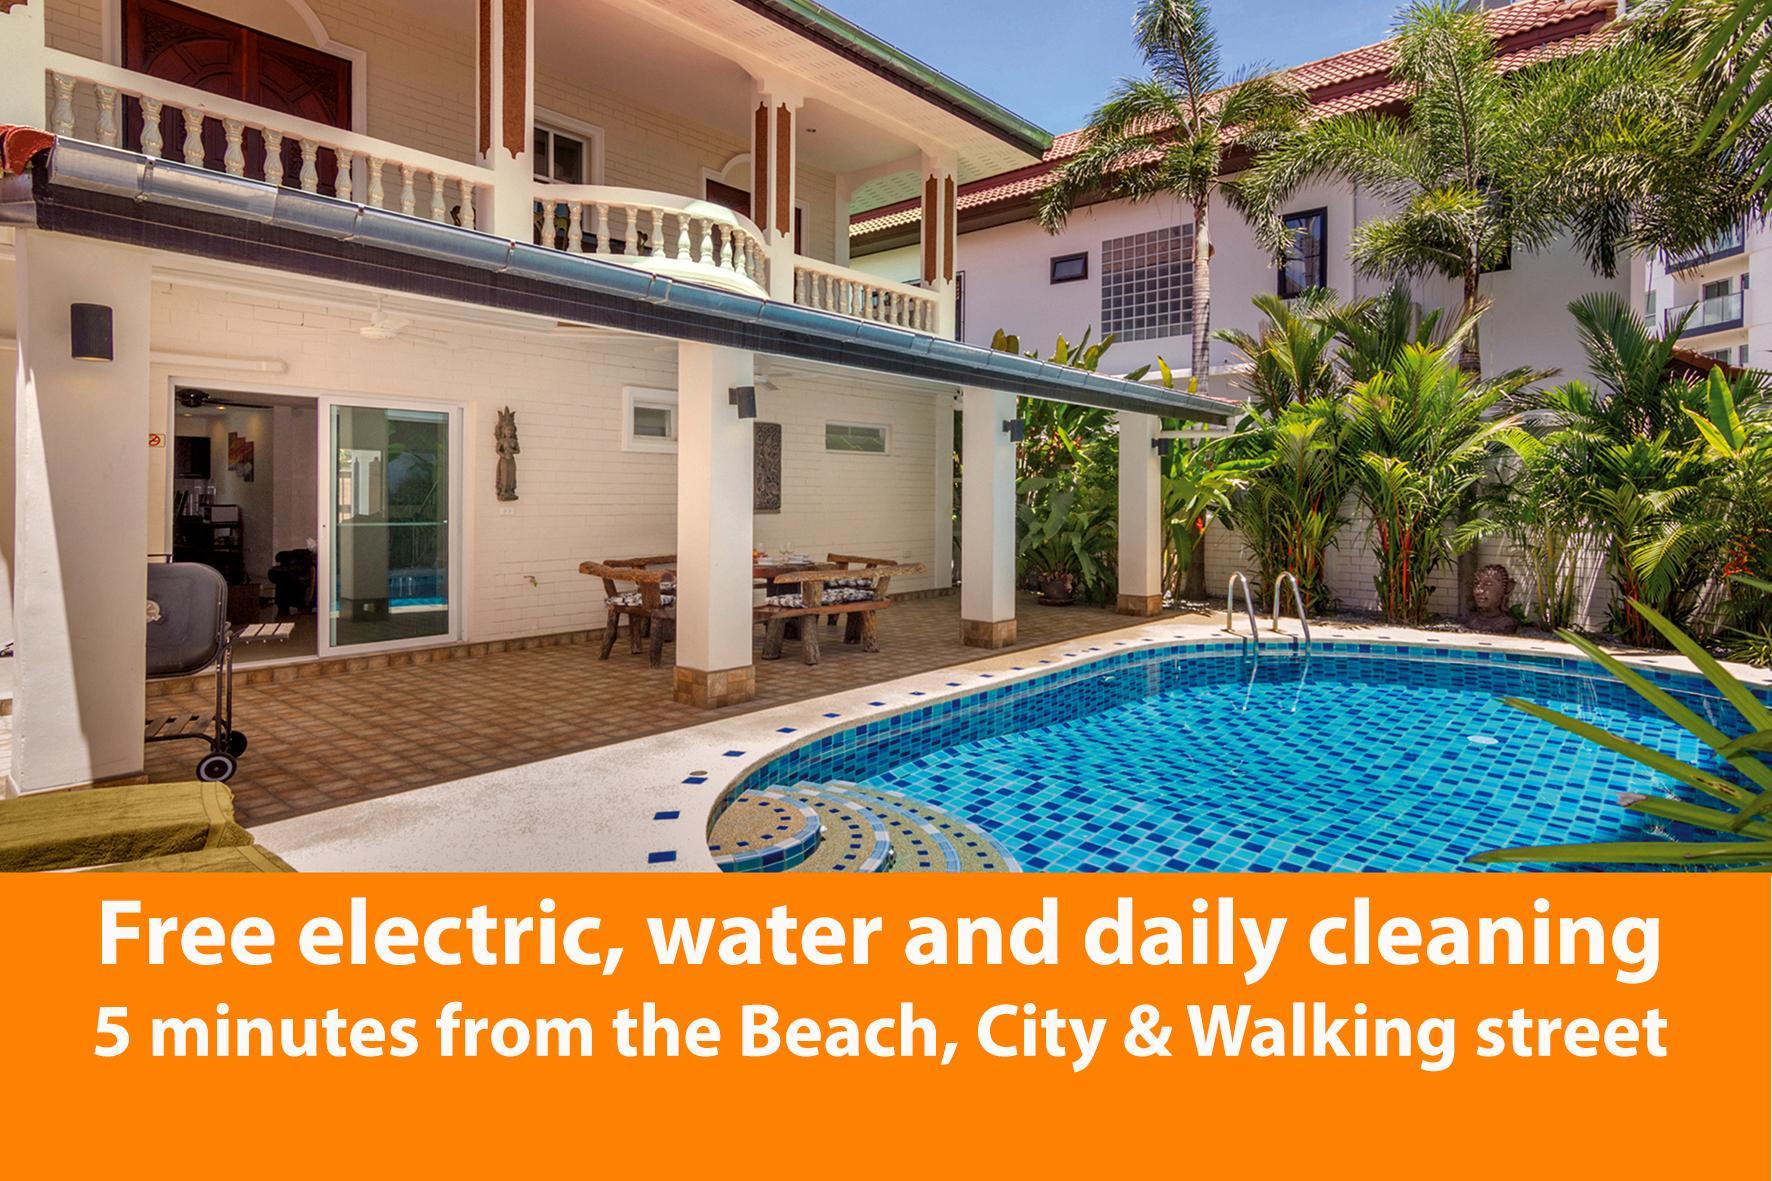 City Resort  WareeSabai, 9 ห้องนอน 7 ห้องน้ำส่วนตัว ขนาด 600 ตร.ม. – เขาพระตำหนัก